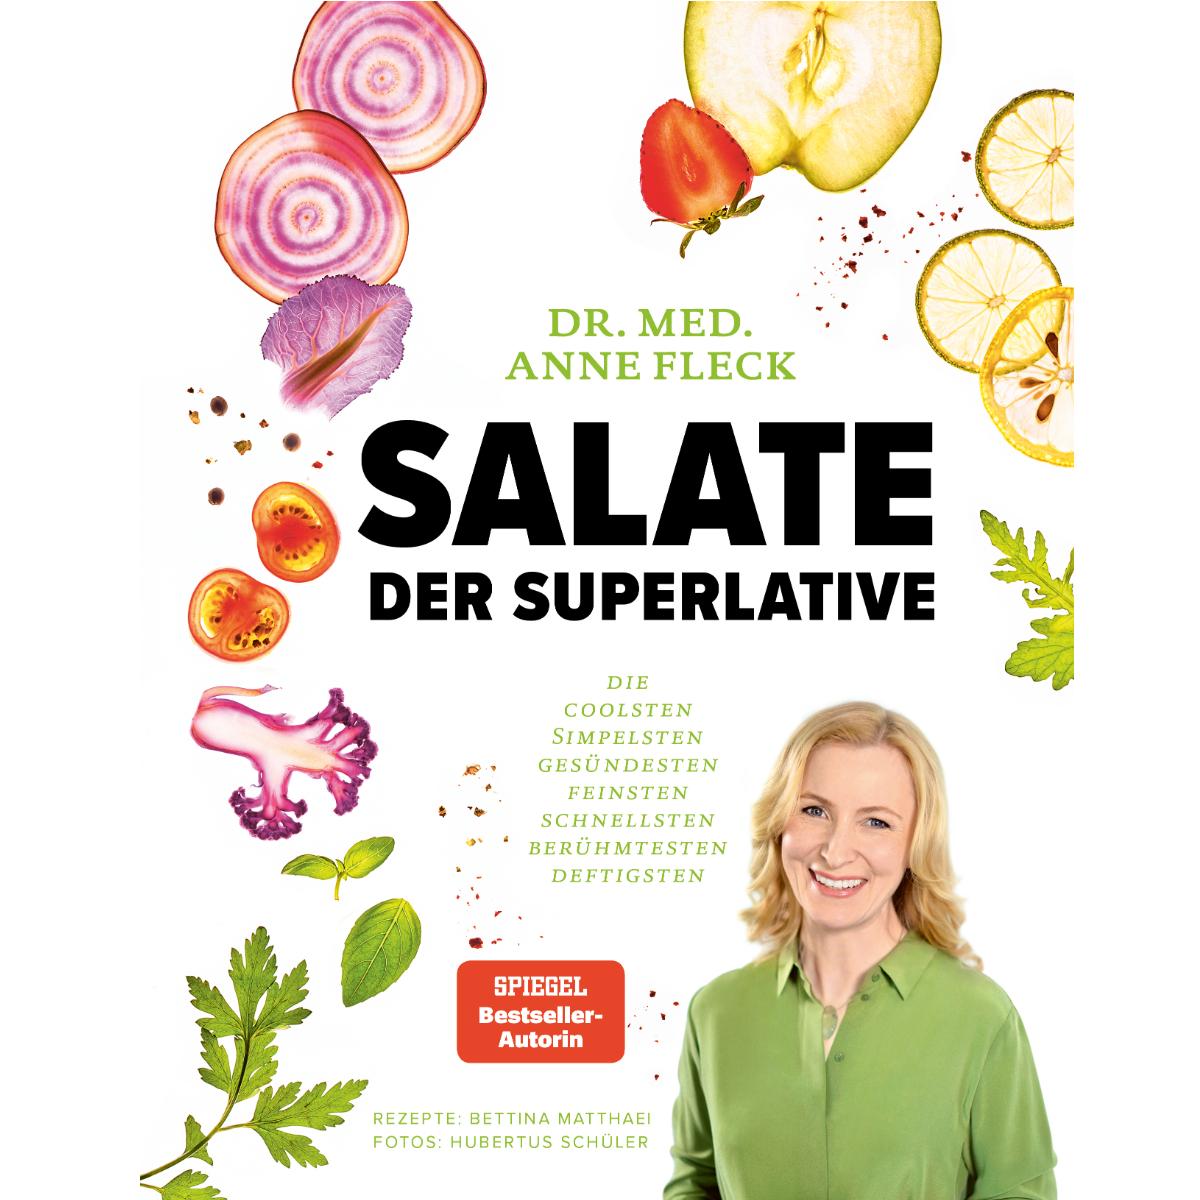 Salate_der_Superlative_kochbuch